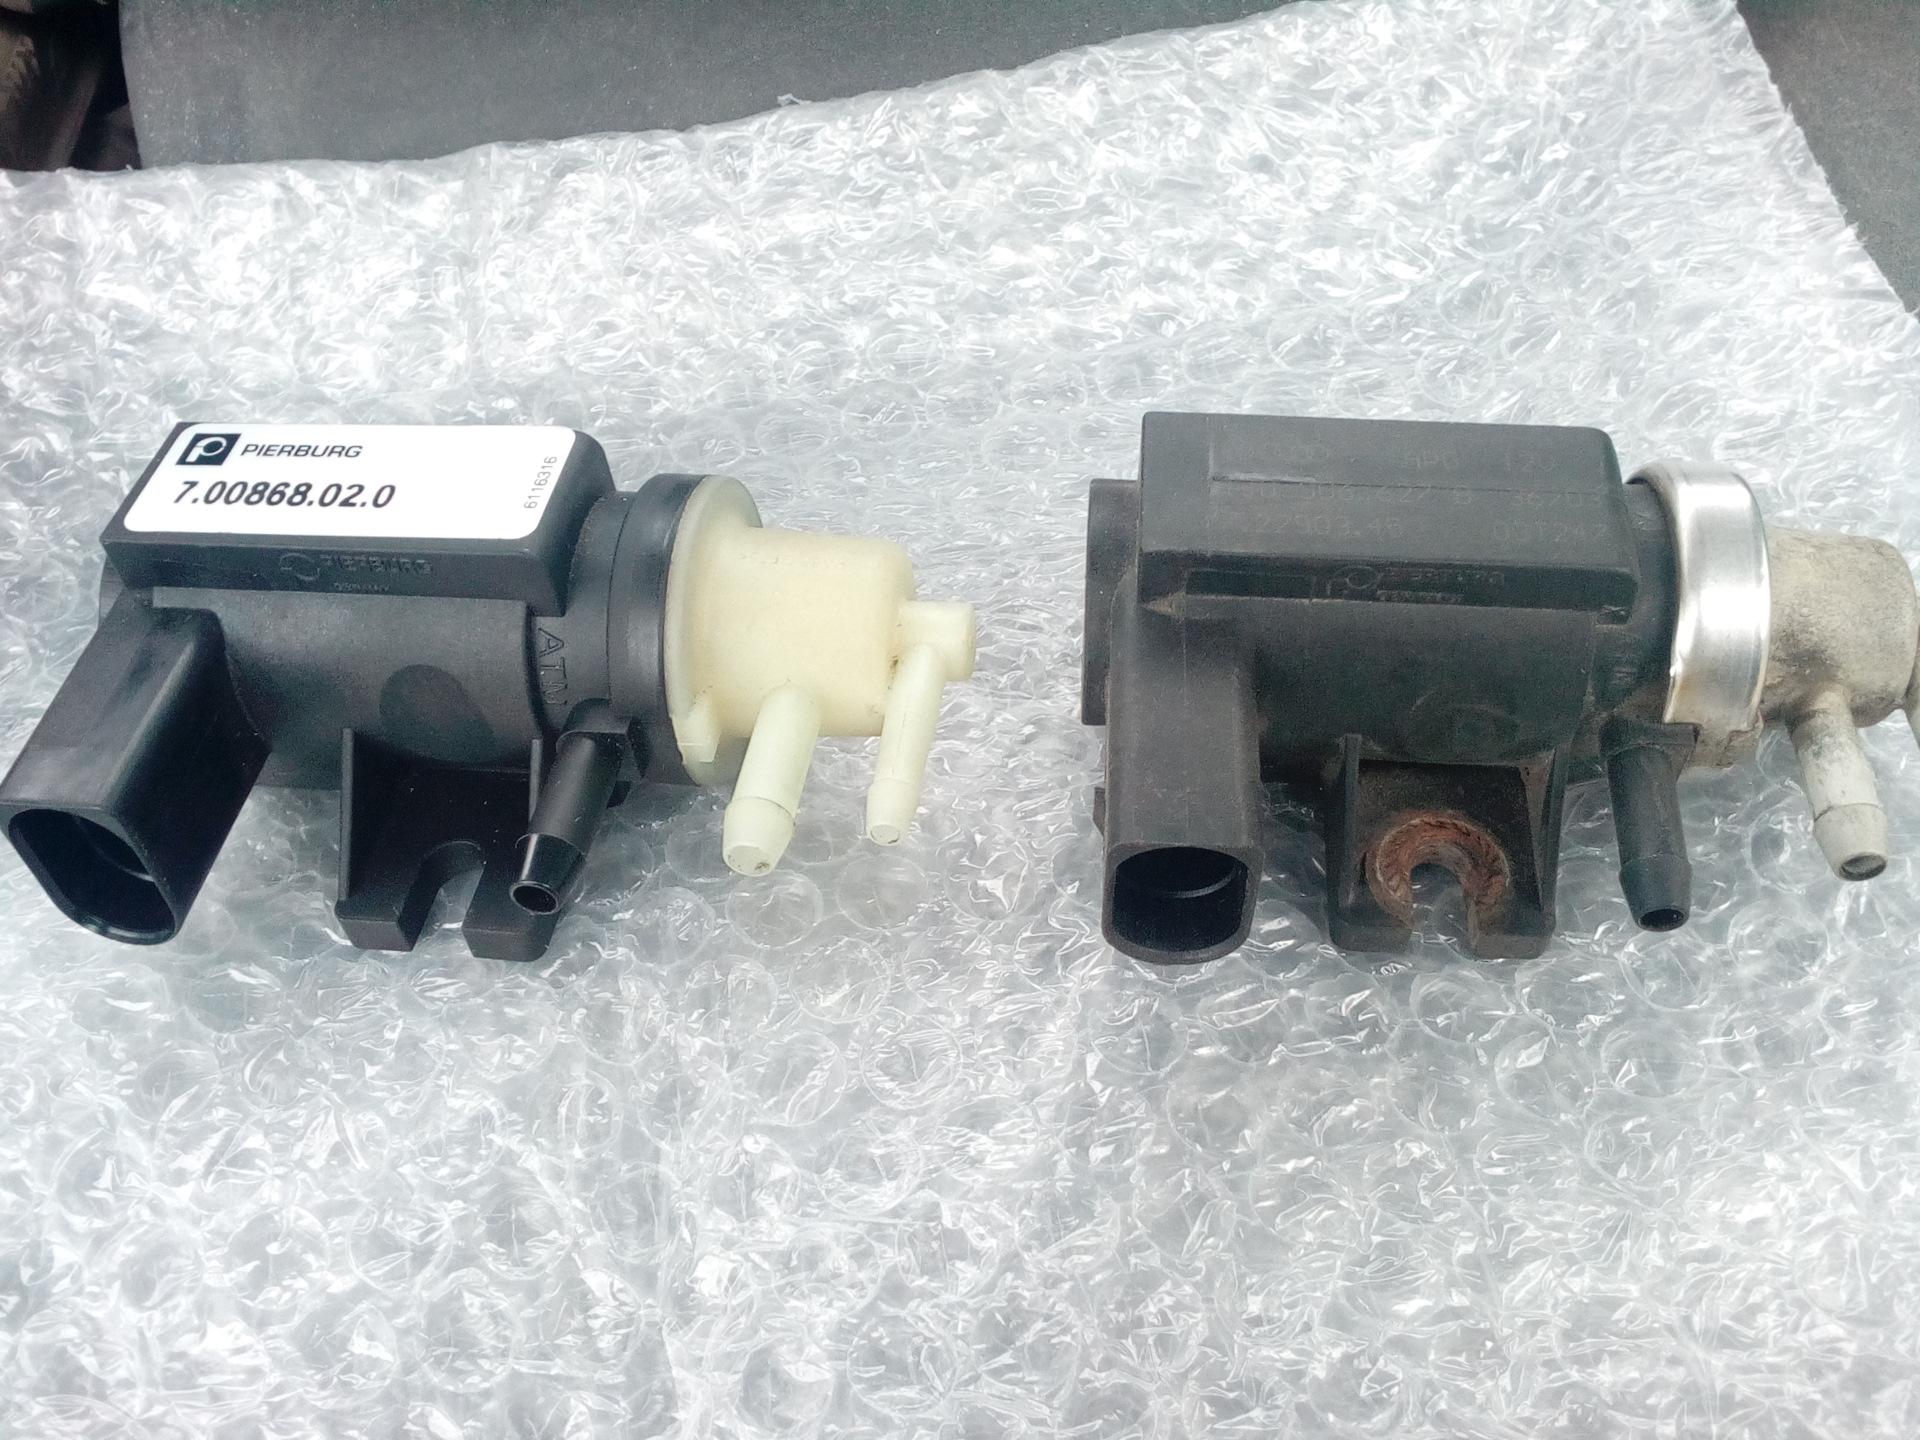 Клапан регулировки наддува транспортер т5 какой должна быть минимальная высота проходов вдоль конвейеров